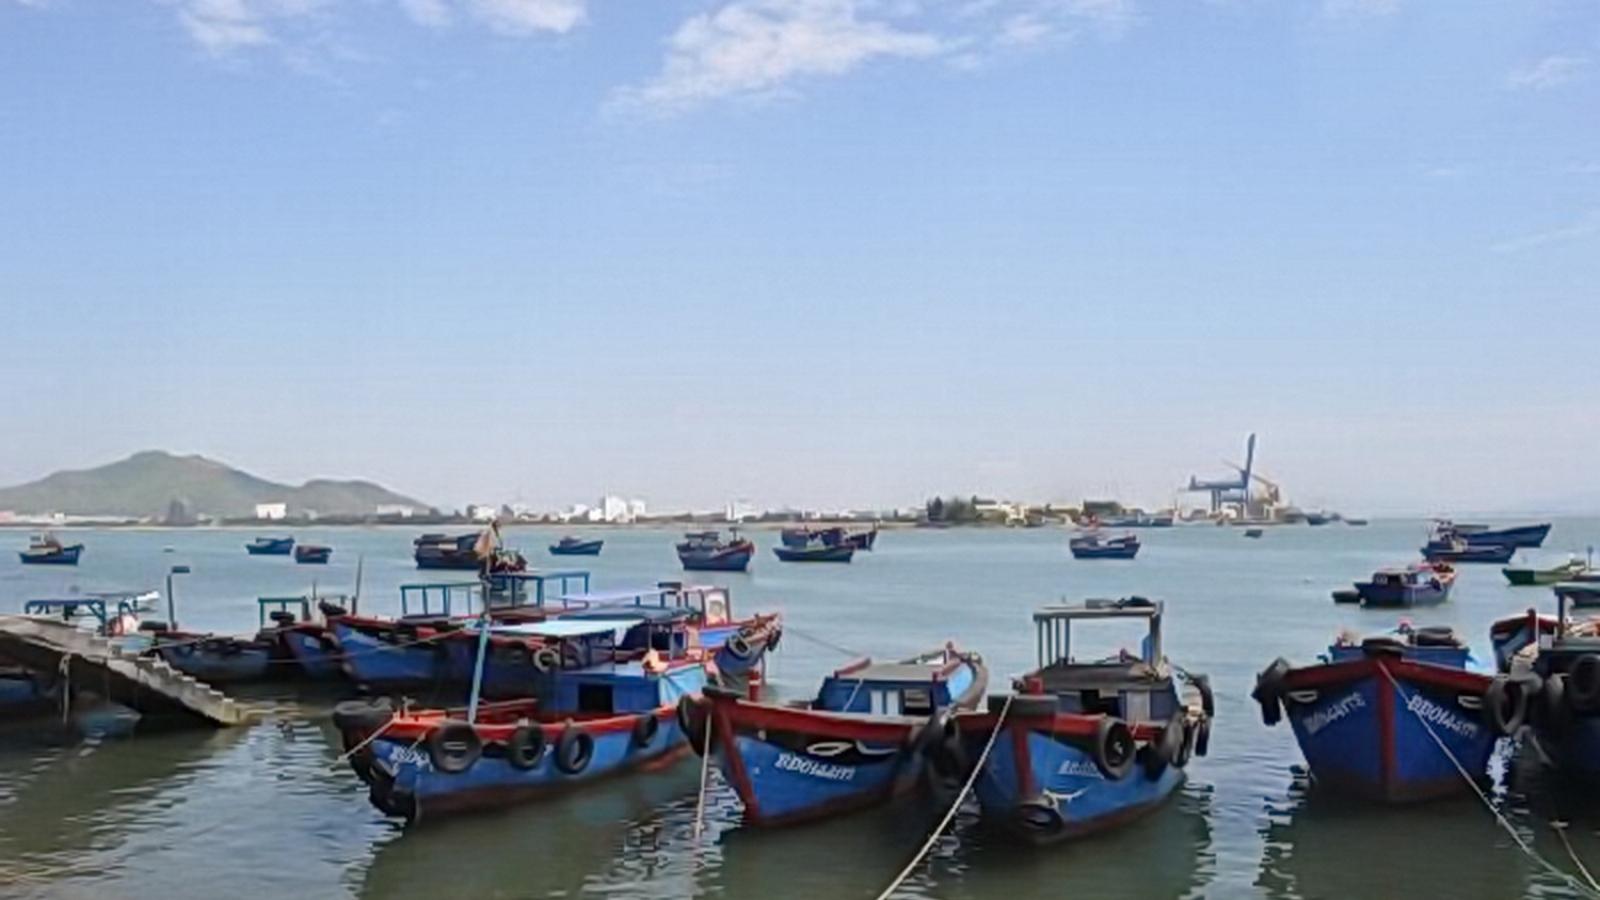 Tạm đình chỉ công tác 15 ngày đối với Bí thư và Chủ tịch UBND phường Hải Cảng (Quy Nhơn)